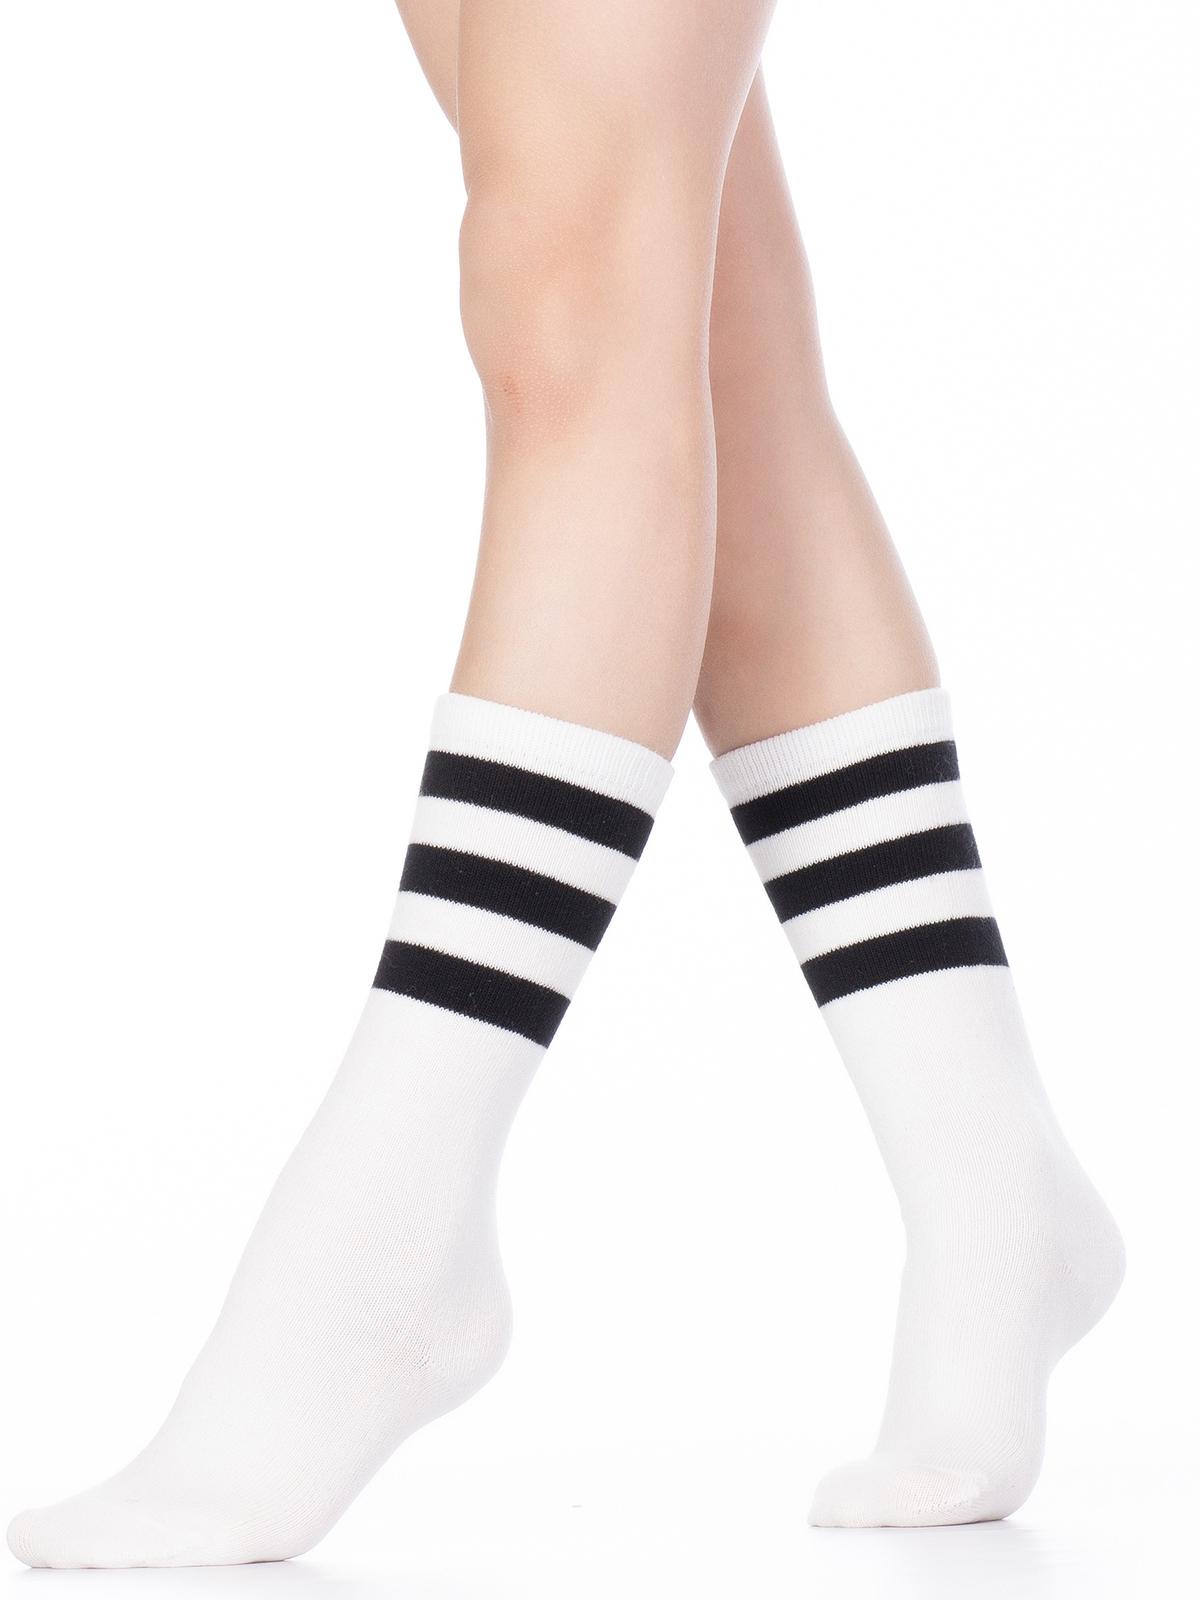 Купить Гольфы детские Hobby Line 4490-1 белый, черные полоски, 14-16, Гольфы для девочек